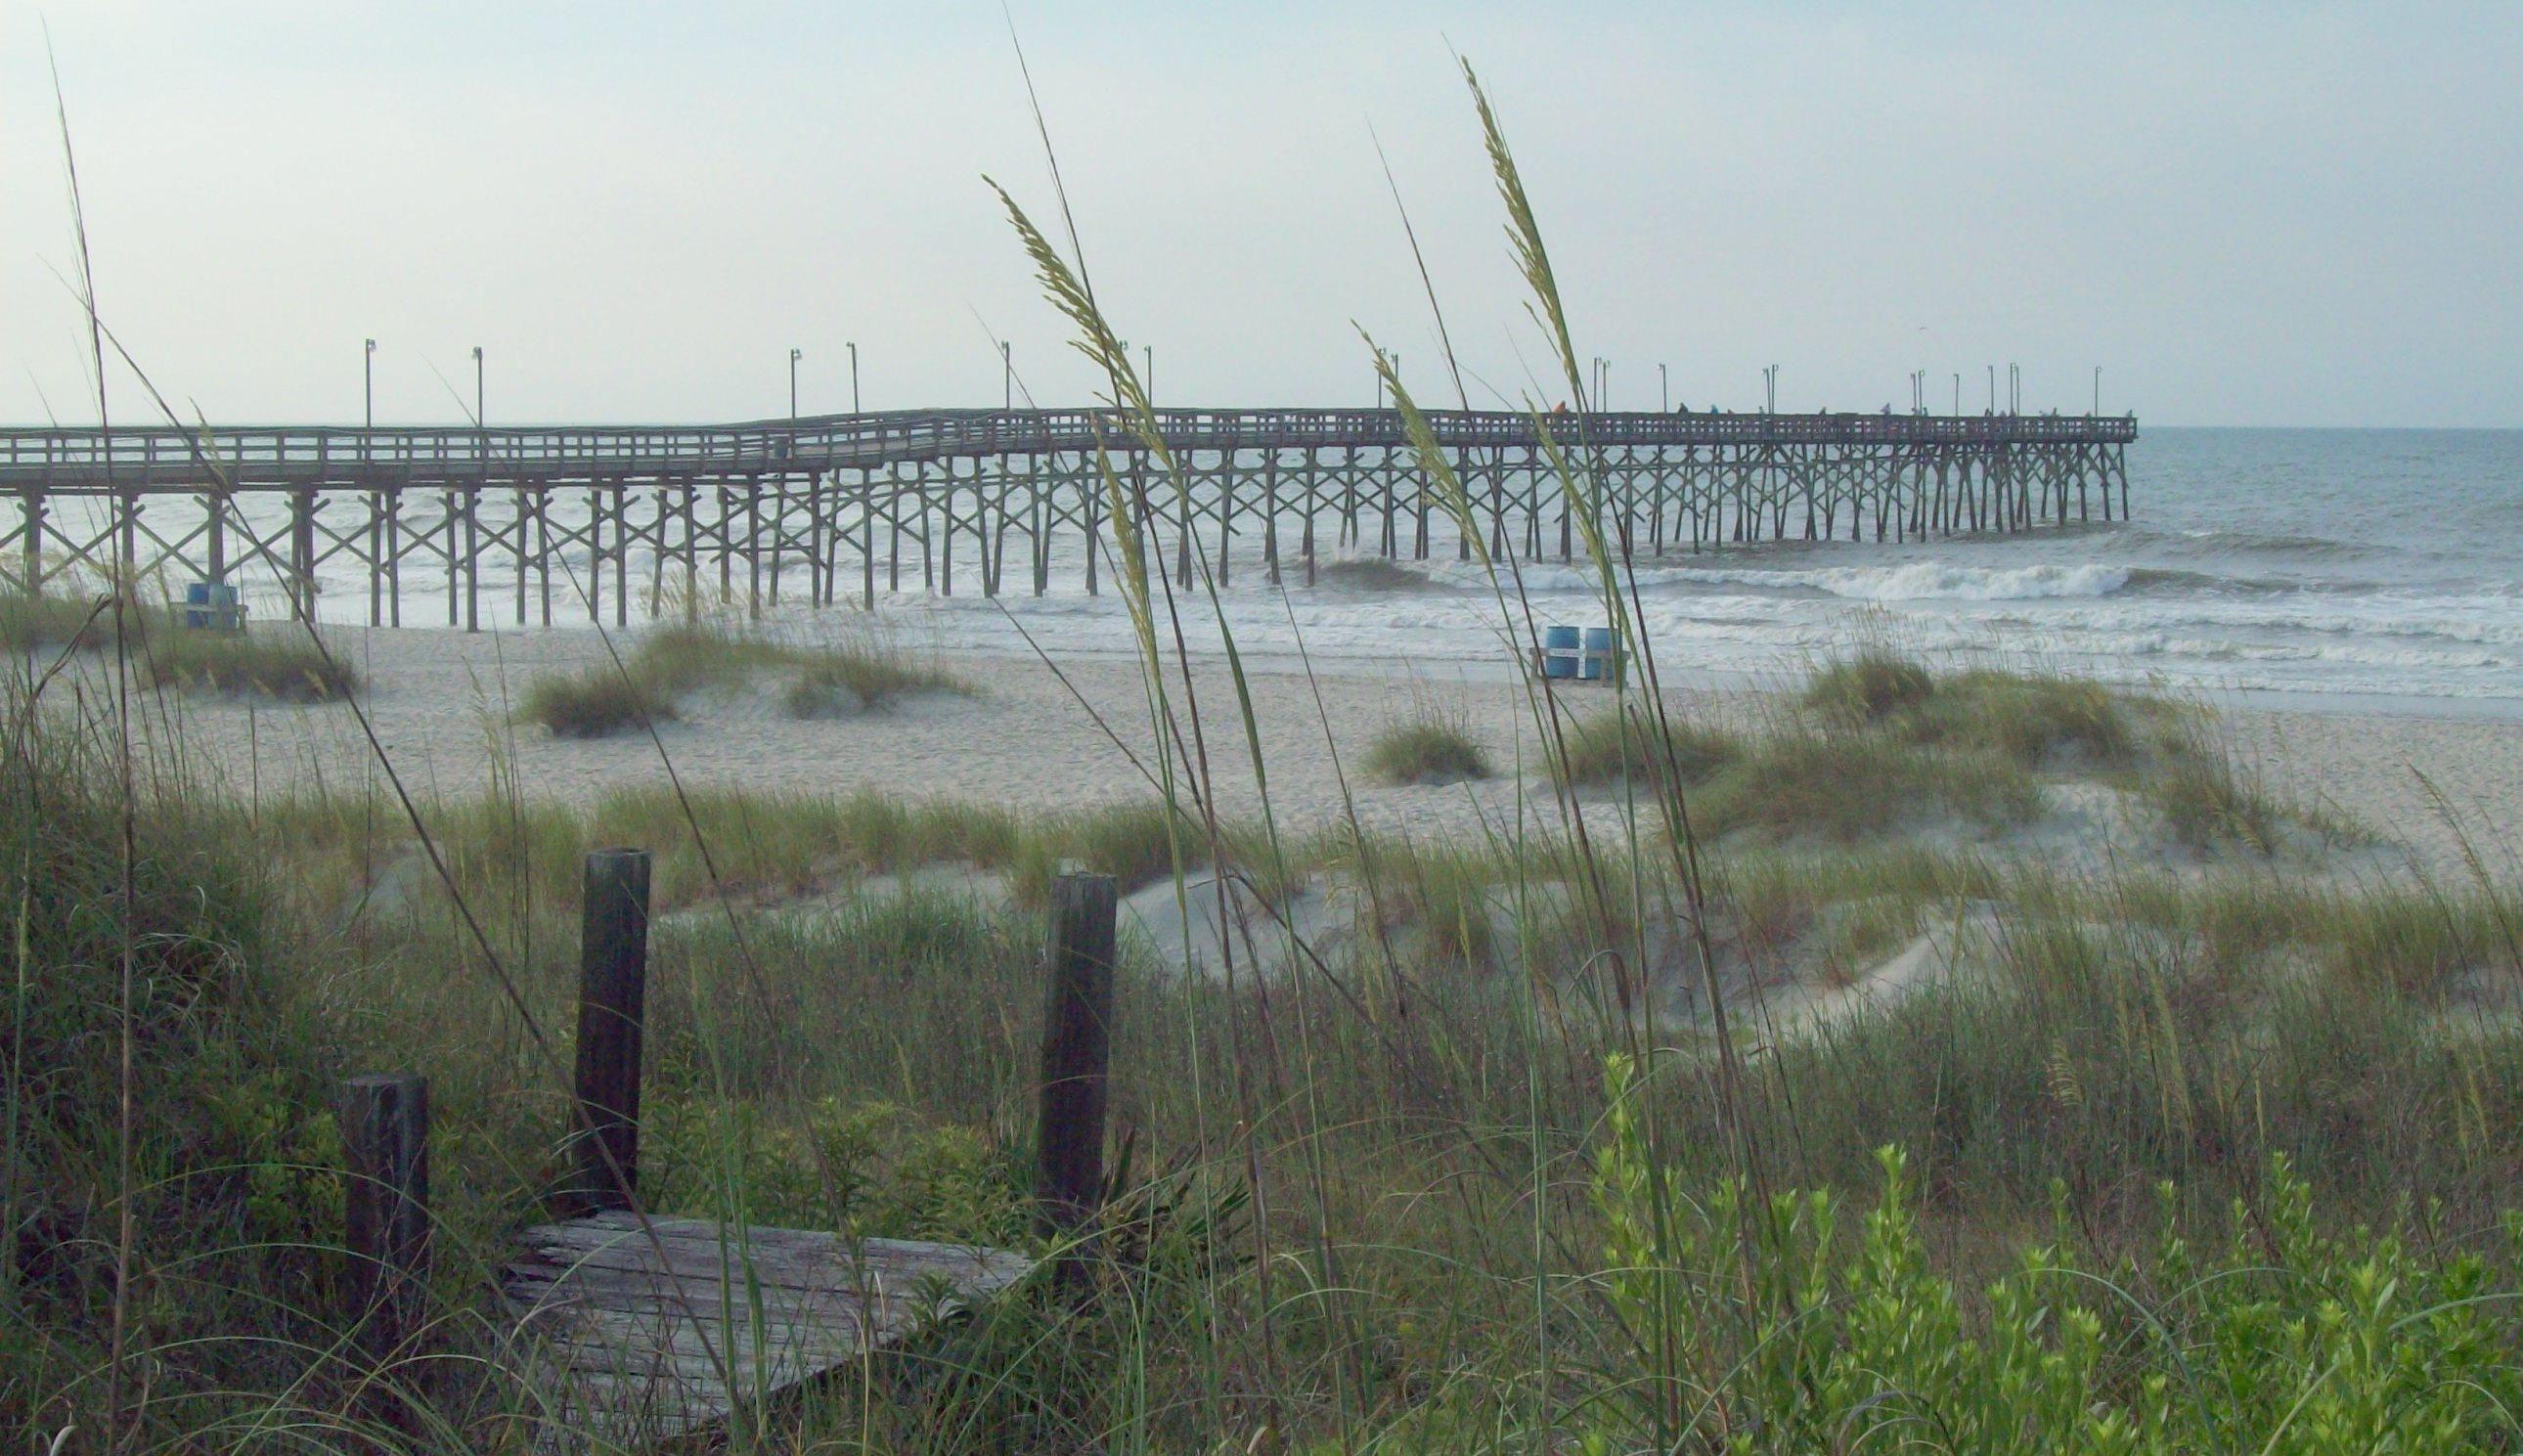 Ocean_Isle_Beach_NC_Fishing_Pier_Jun_10.jpeg